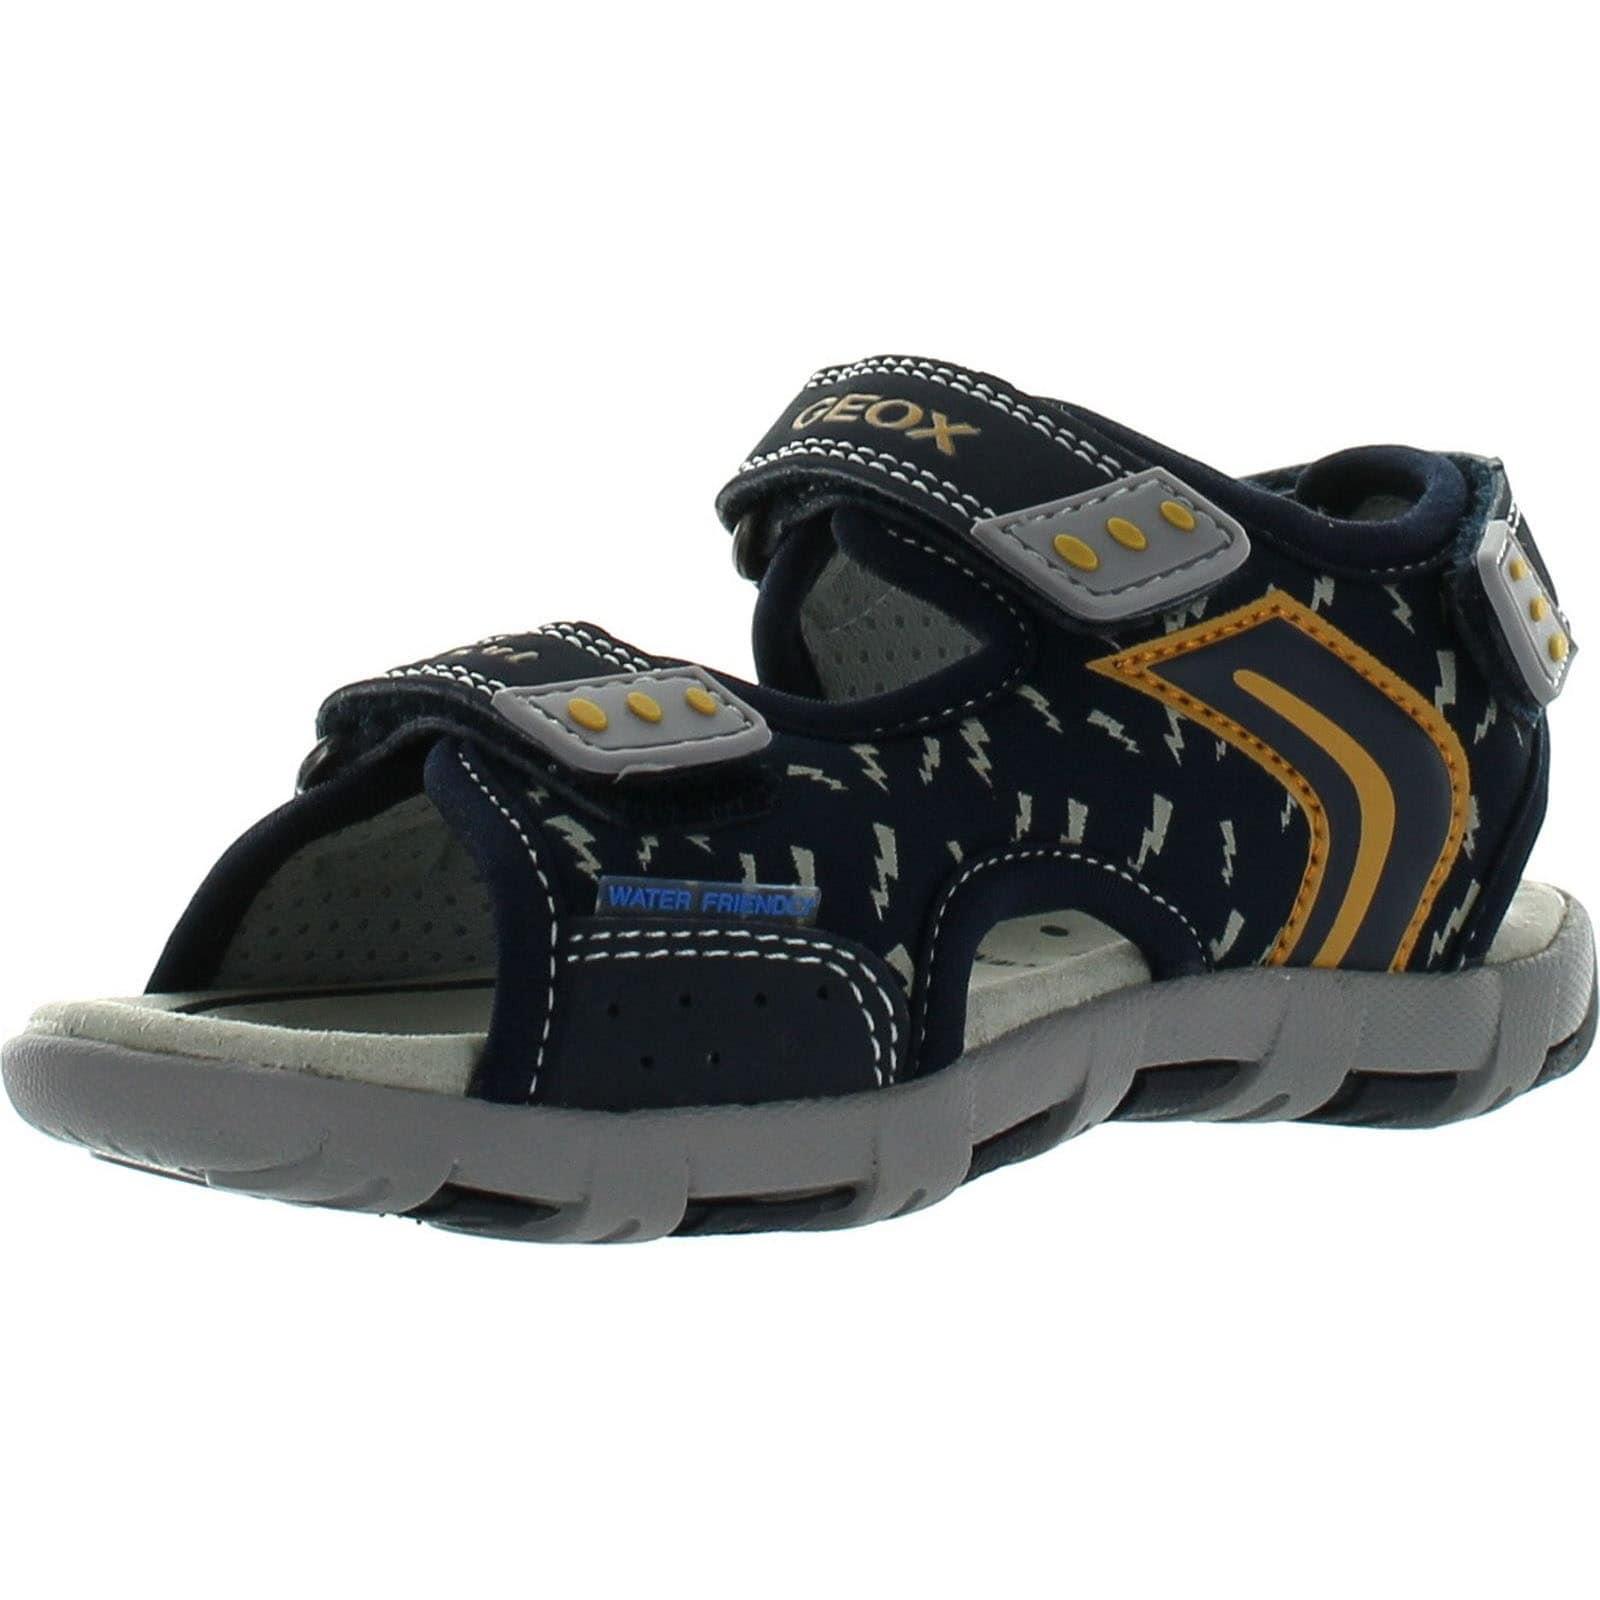 9fc8e6cd08f8 Buy Geox Men s Sandals Online at Overstock